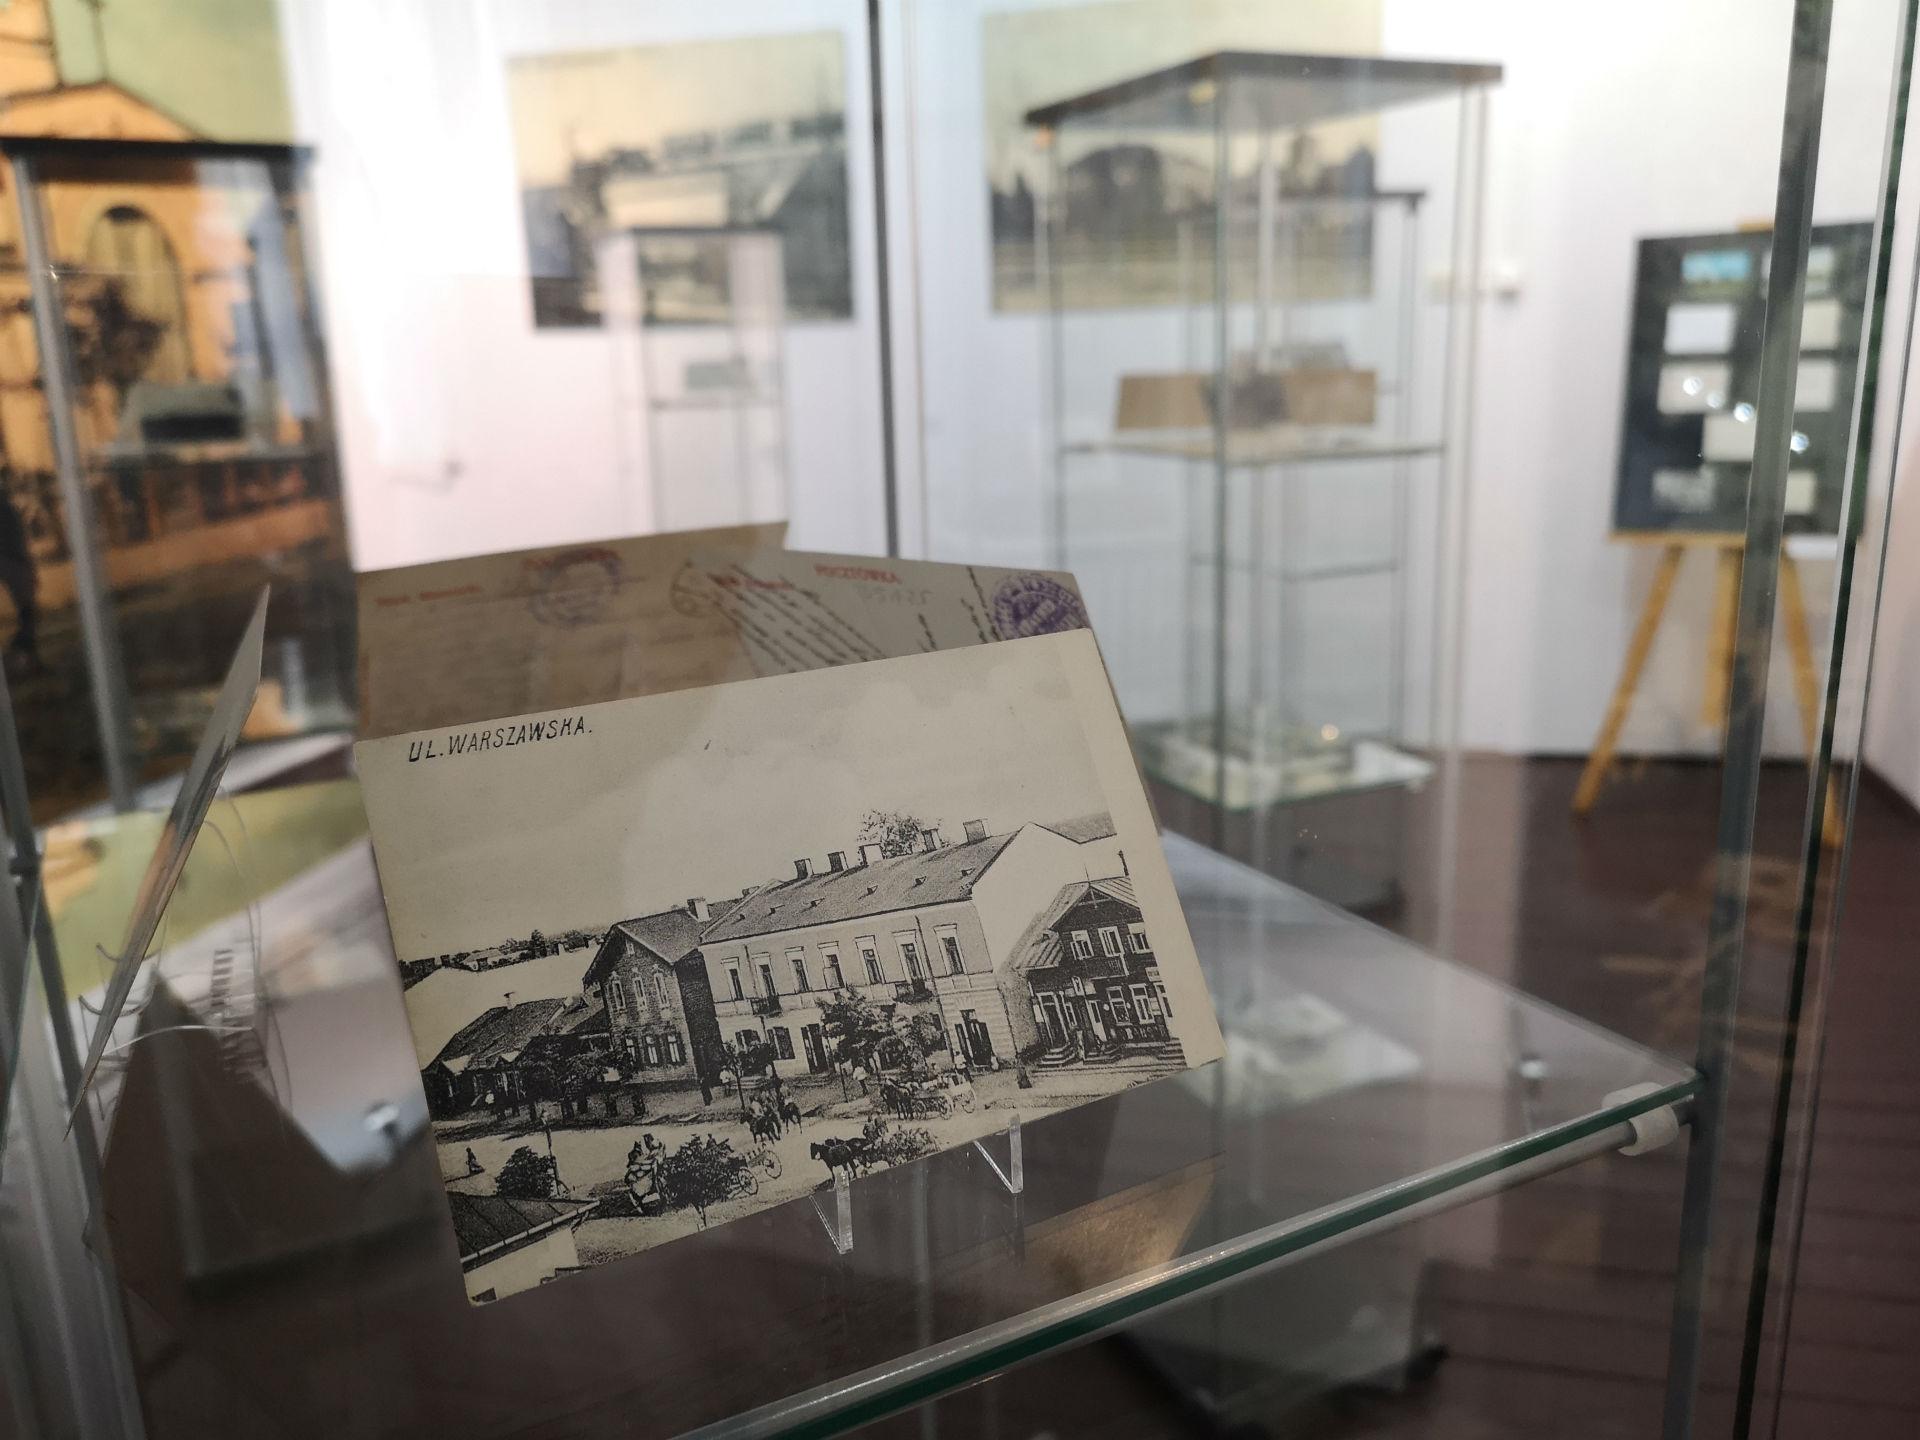 Wnętrze gabloty. Na pierwszym planie pocztówka z historycznym widokiem ul. Warszawskiej w Mińsku Mazowieckim. W tle reszta ekspozycji.